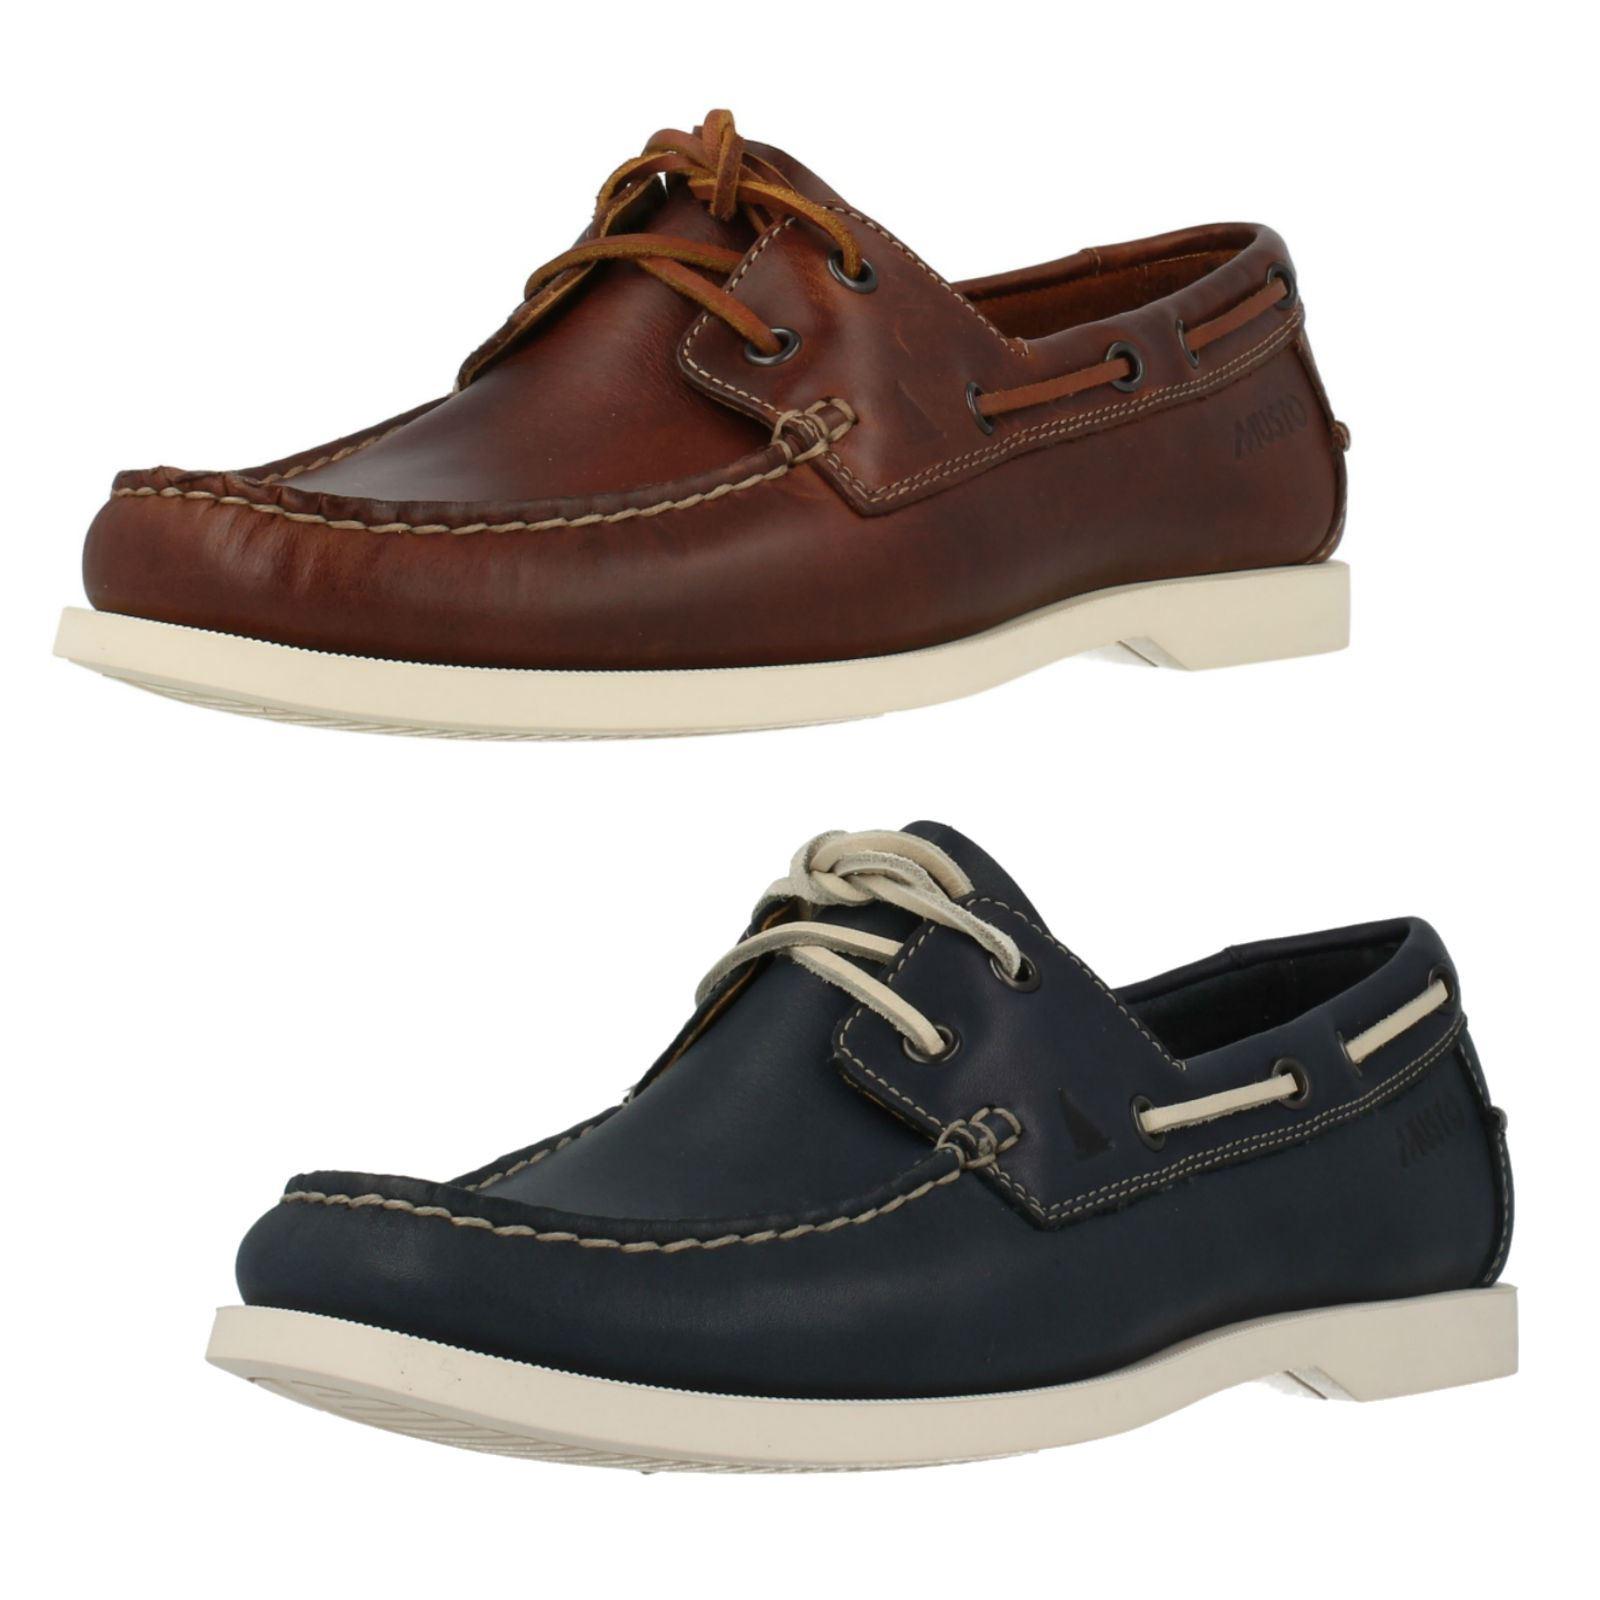 Detalles de Hombre Clarks Informal Cubierta Zapatos Estilo Nautic Bay